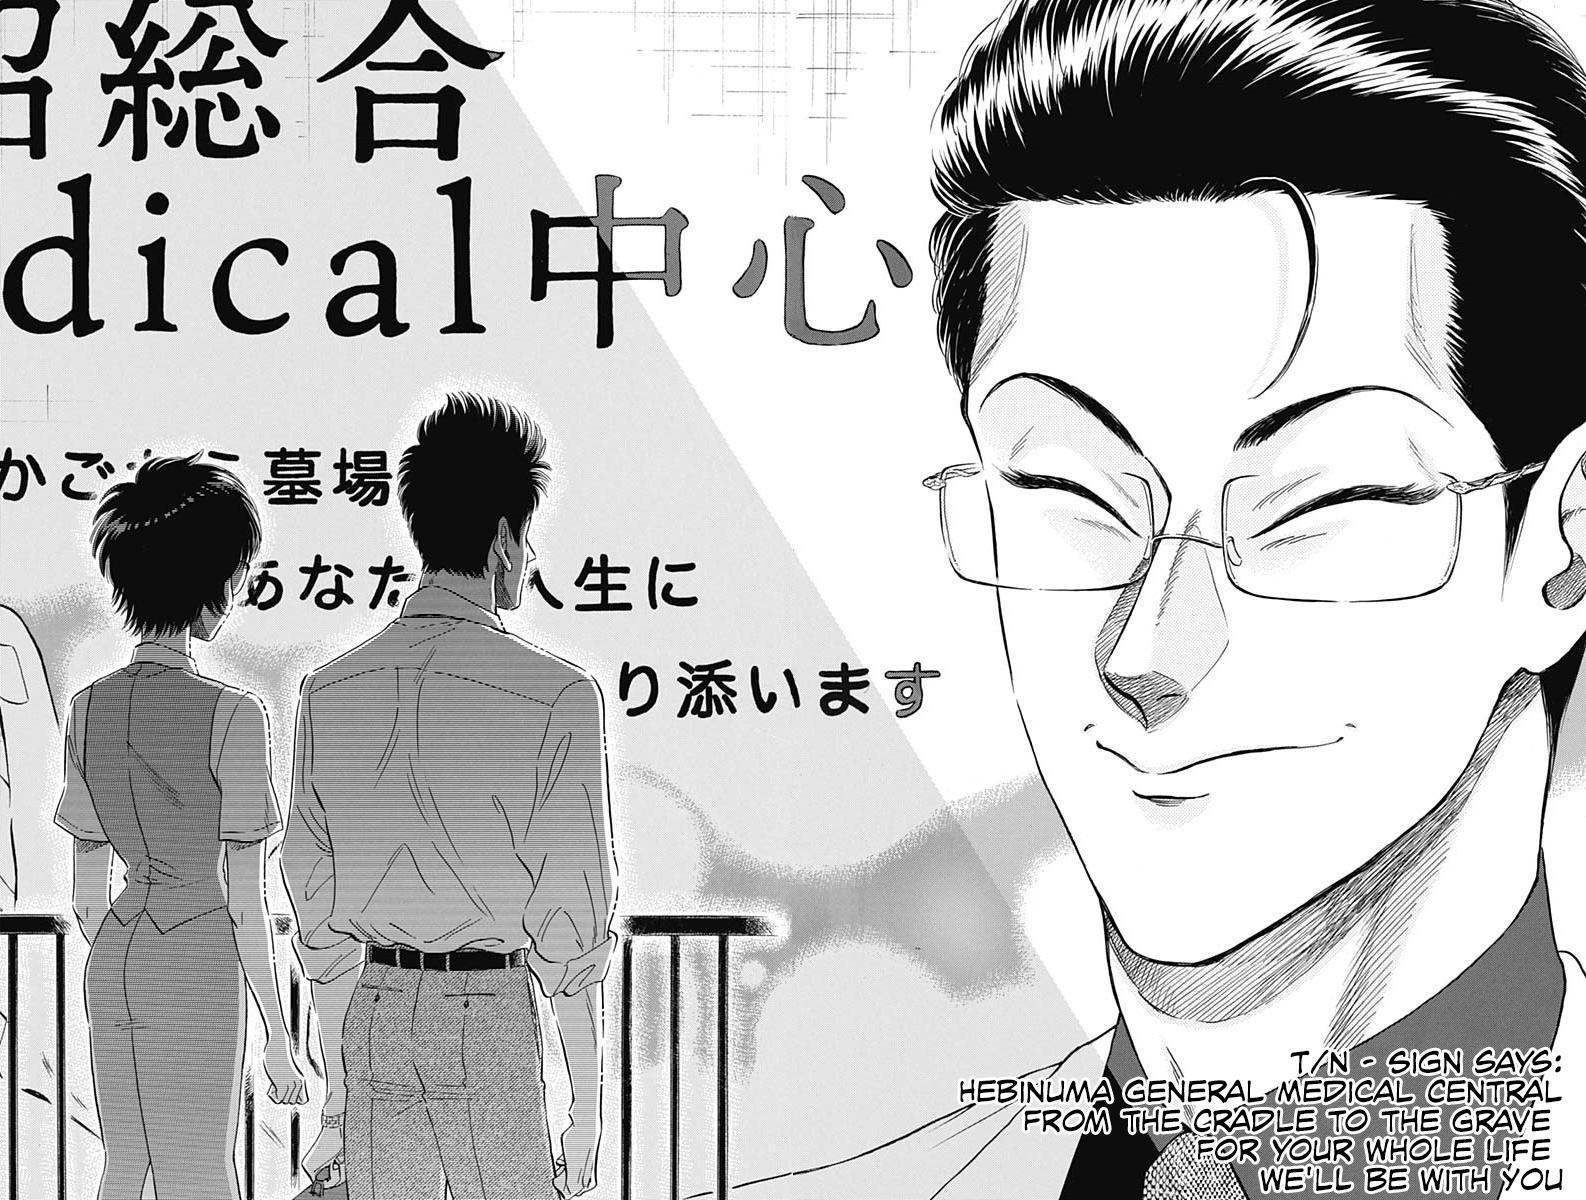 Kowloon Generic Romance Vol.2 Chapter 12 page 13 - Mangakakalots.com